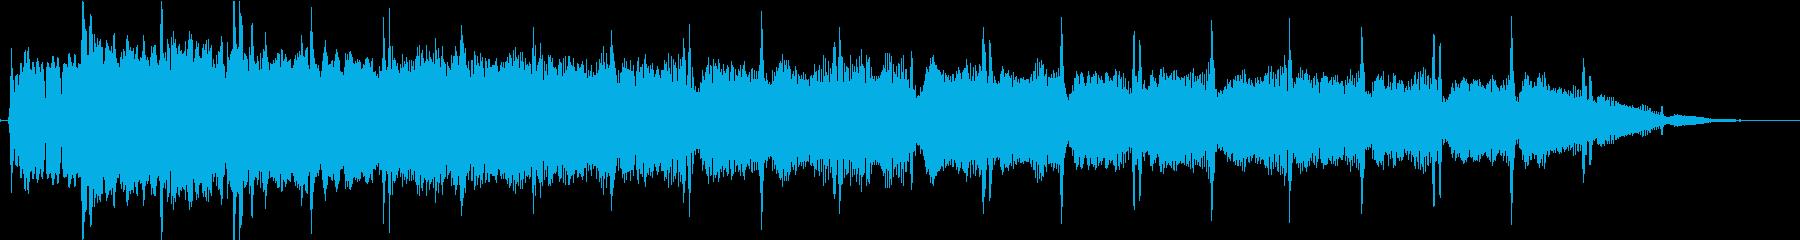 ピューン:異次元へワープする音5の再生済みの波形